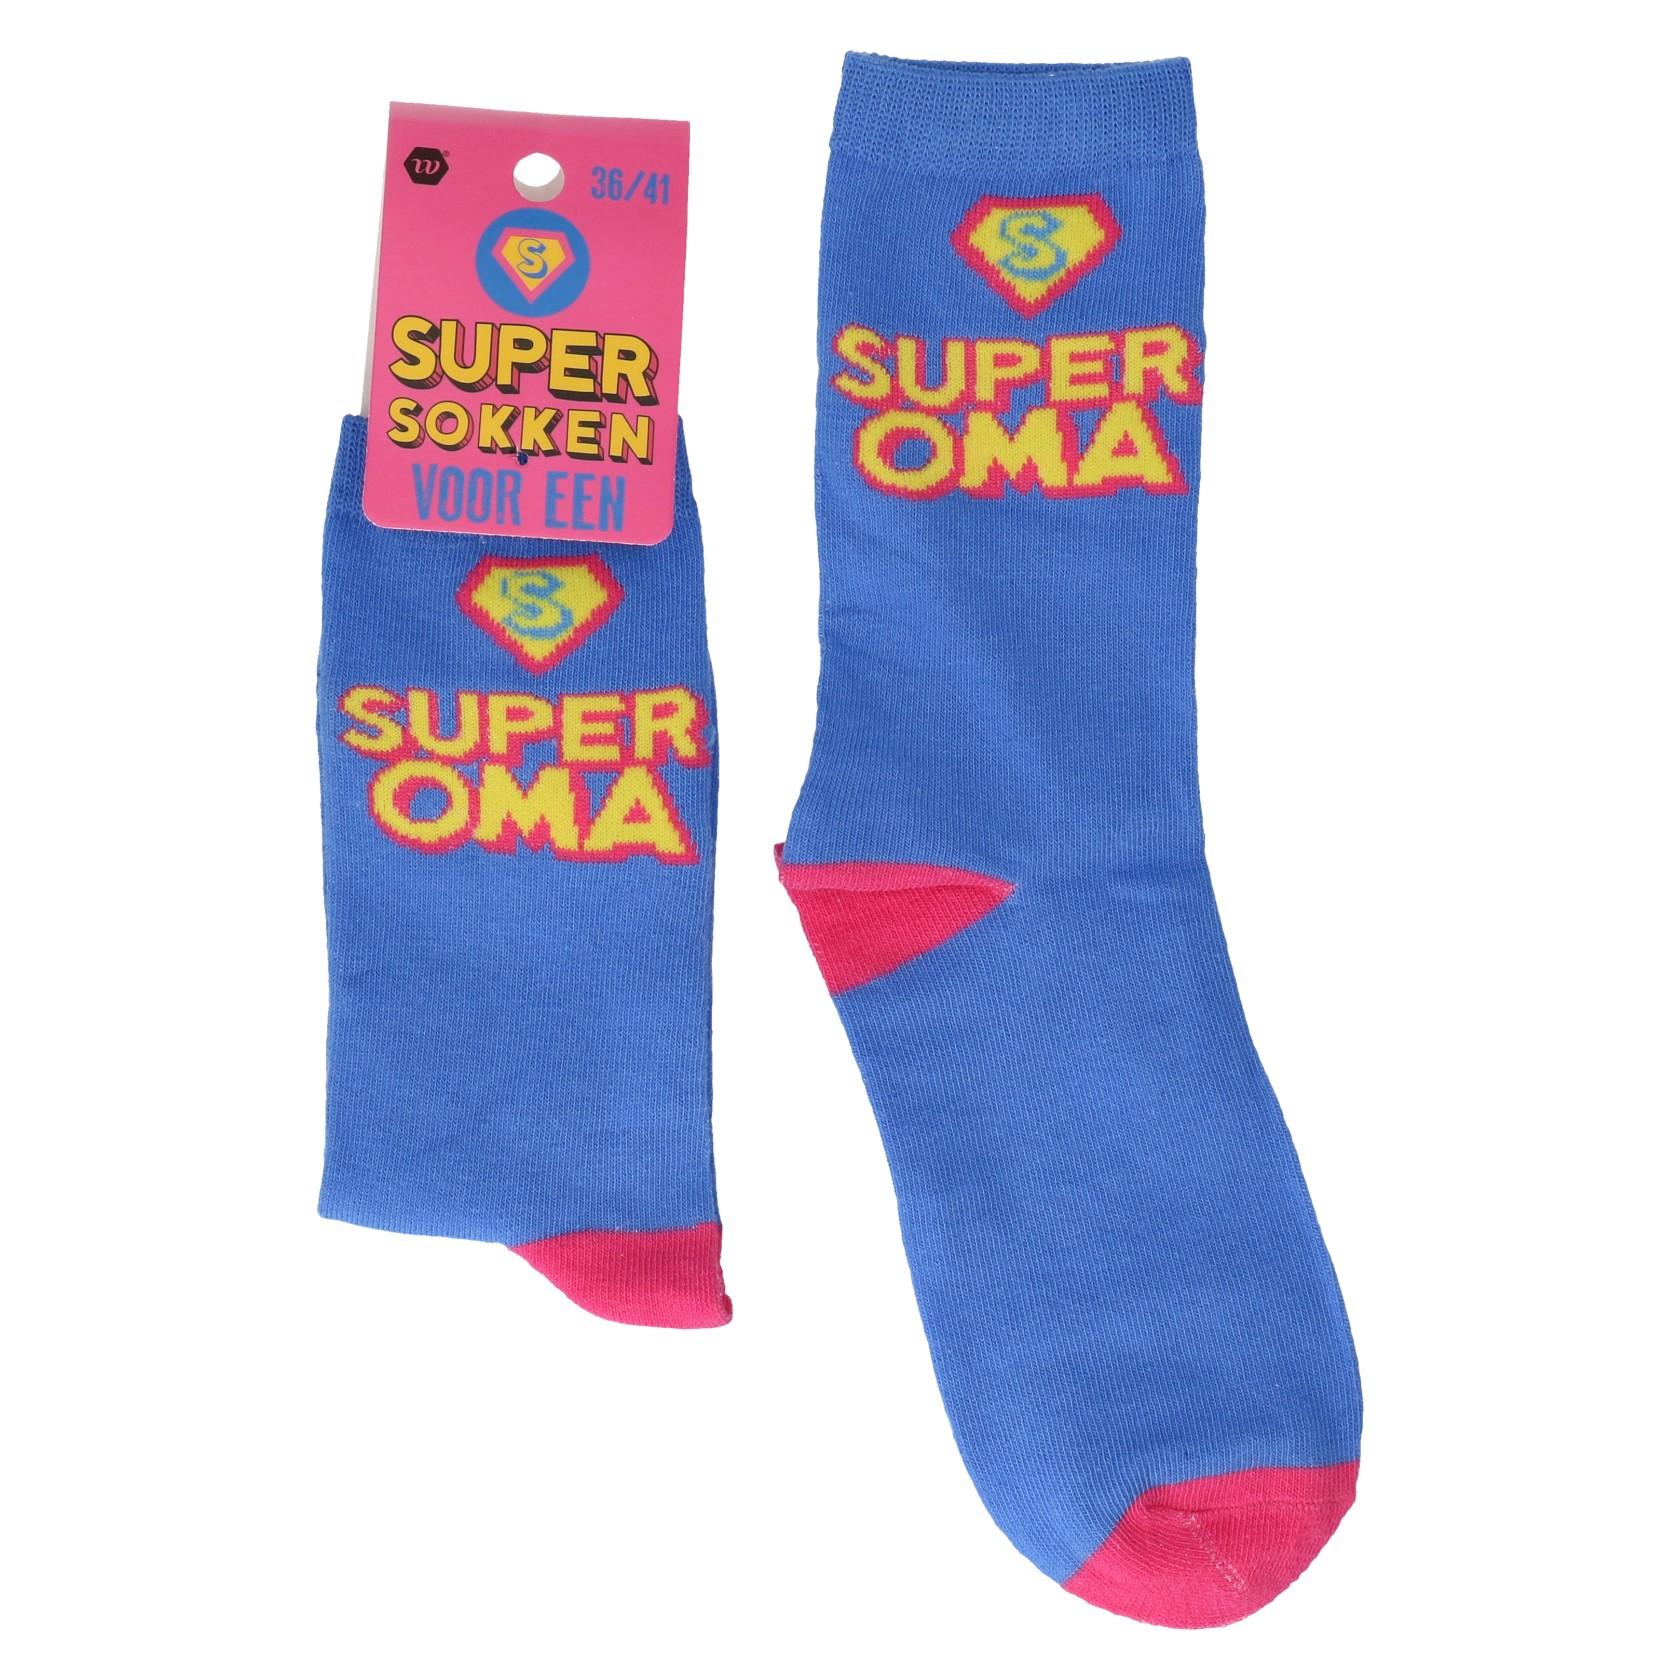 Super oma cadeausokken 36-41